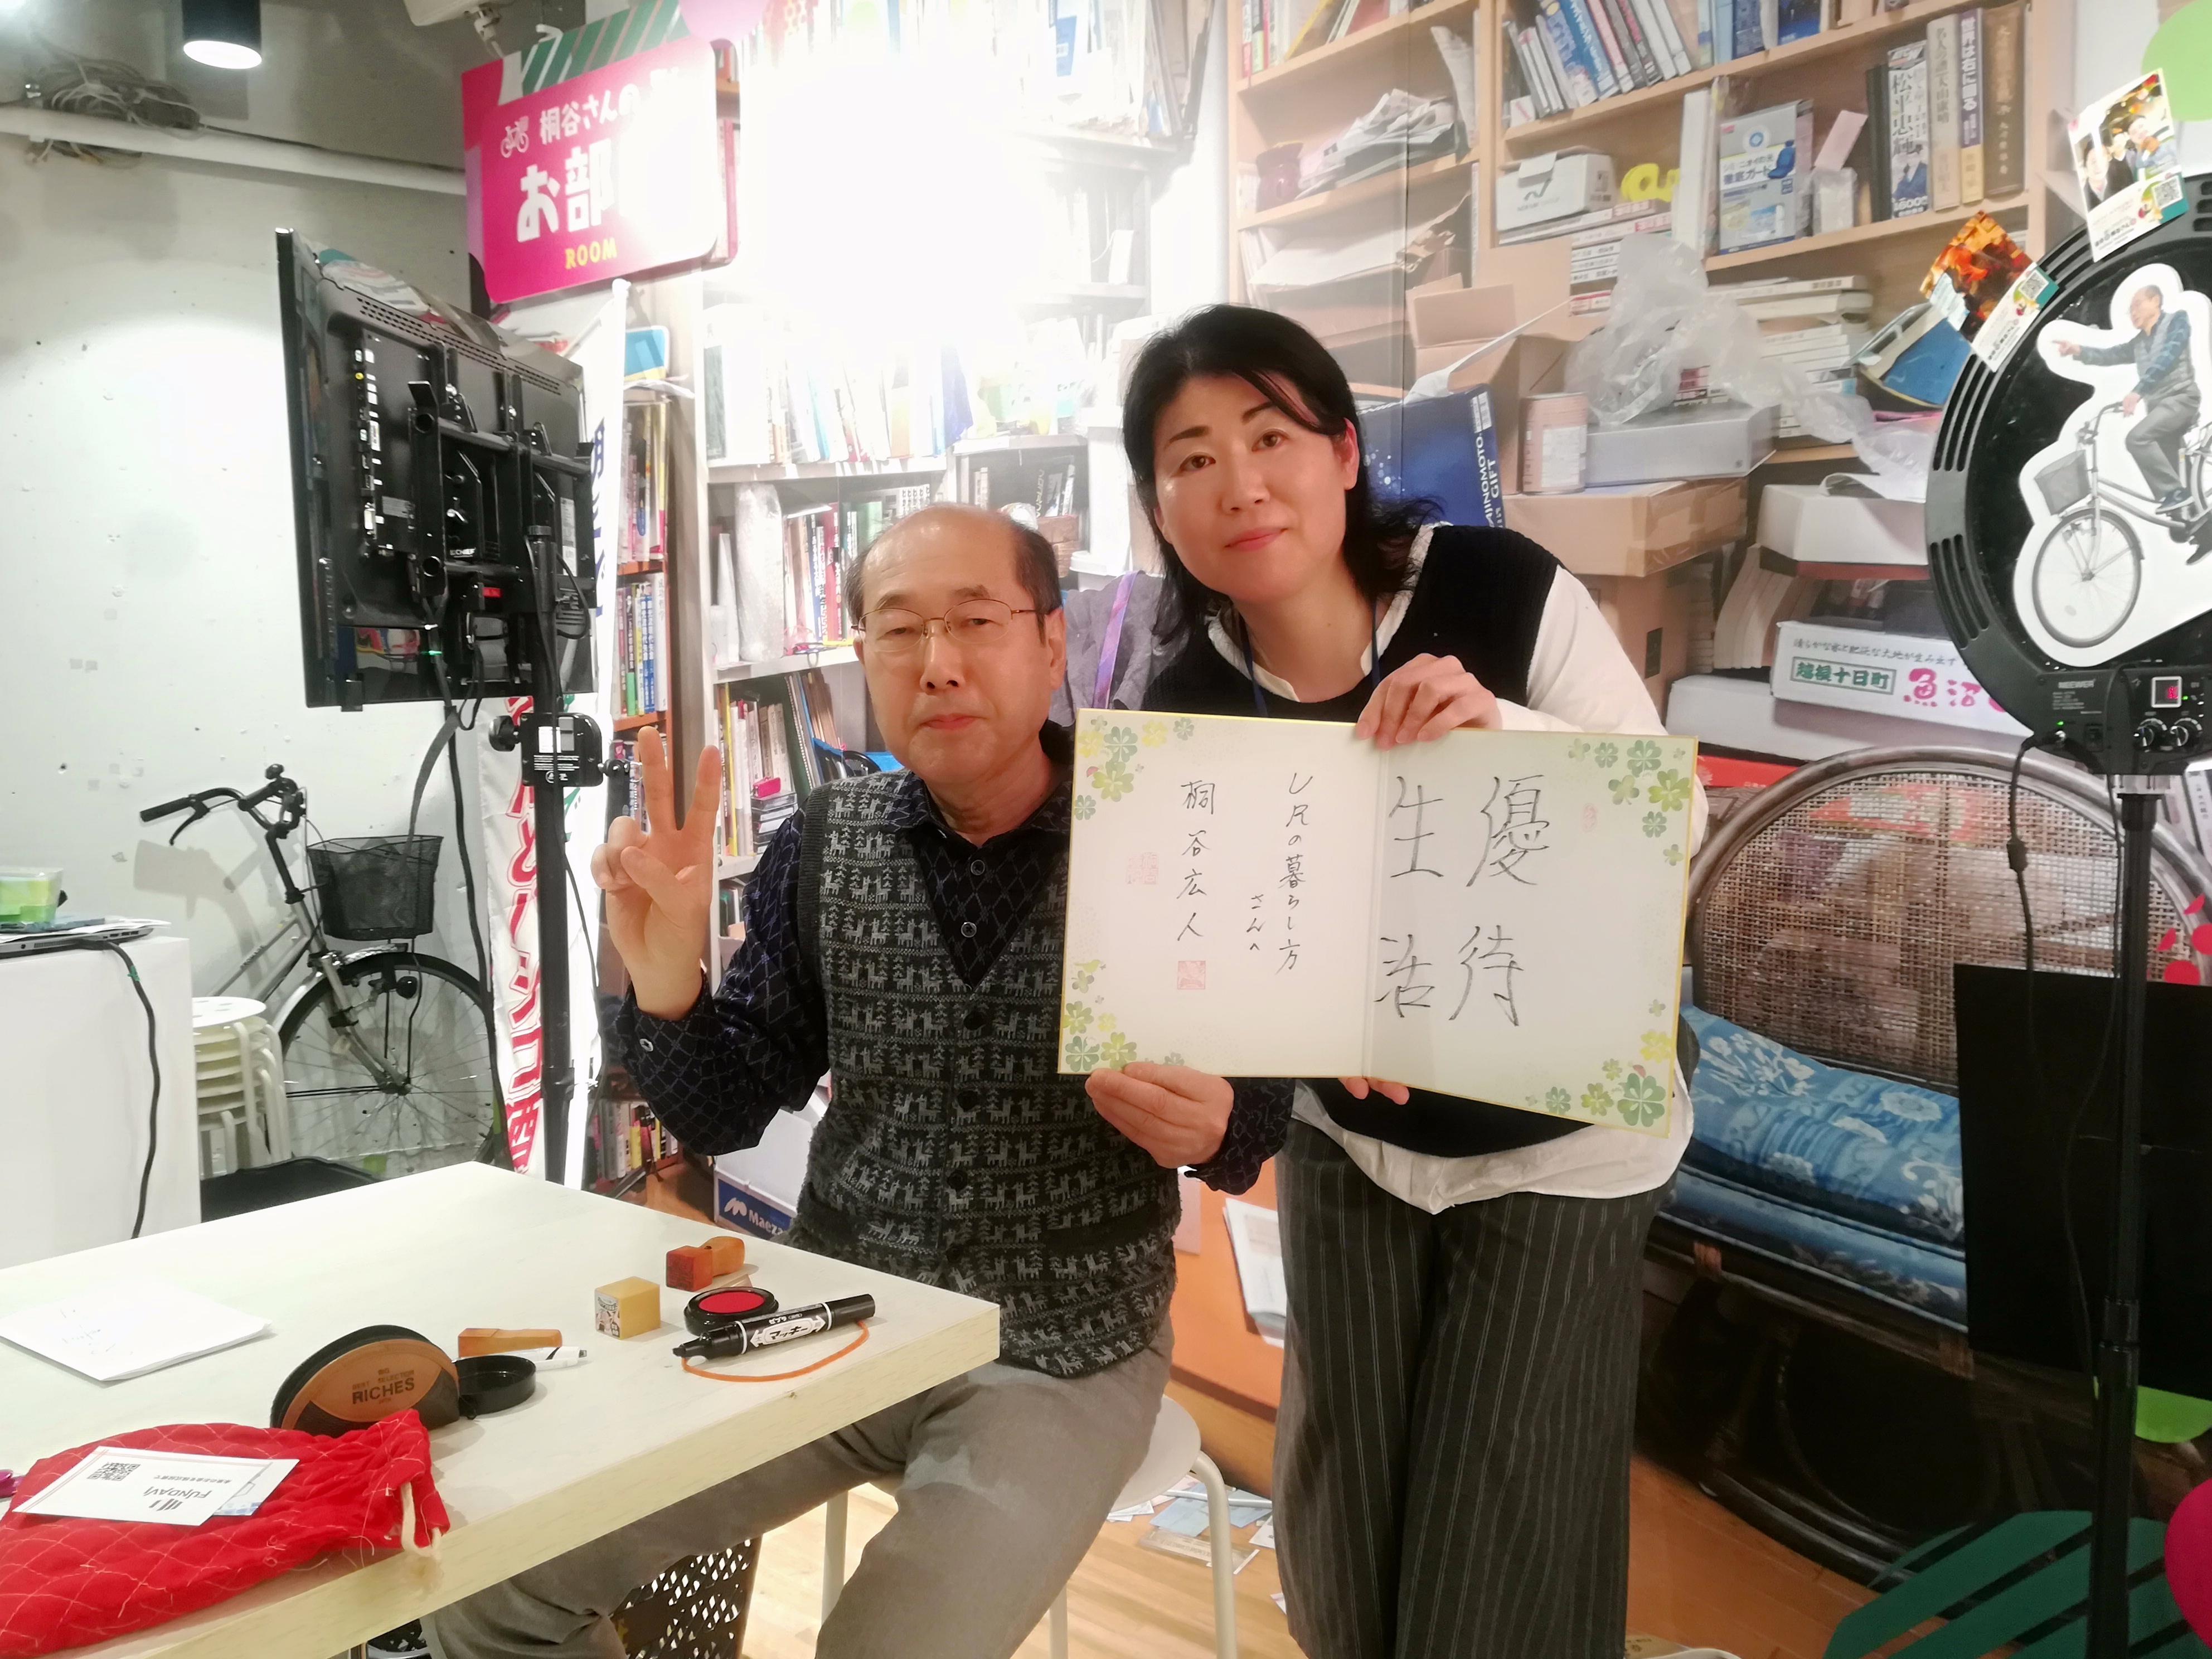 桐谷さんとツーショット